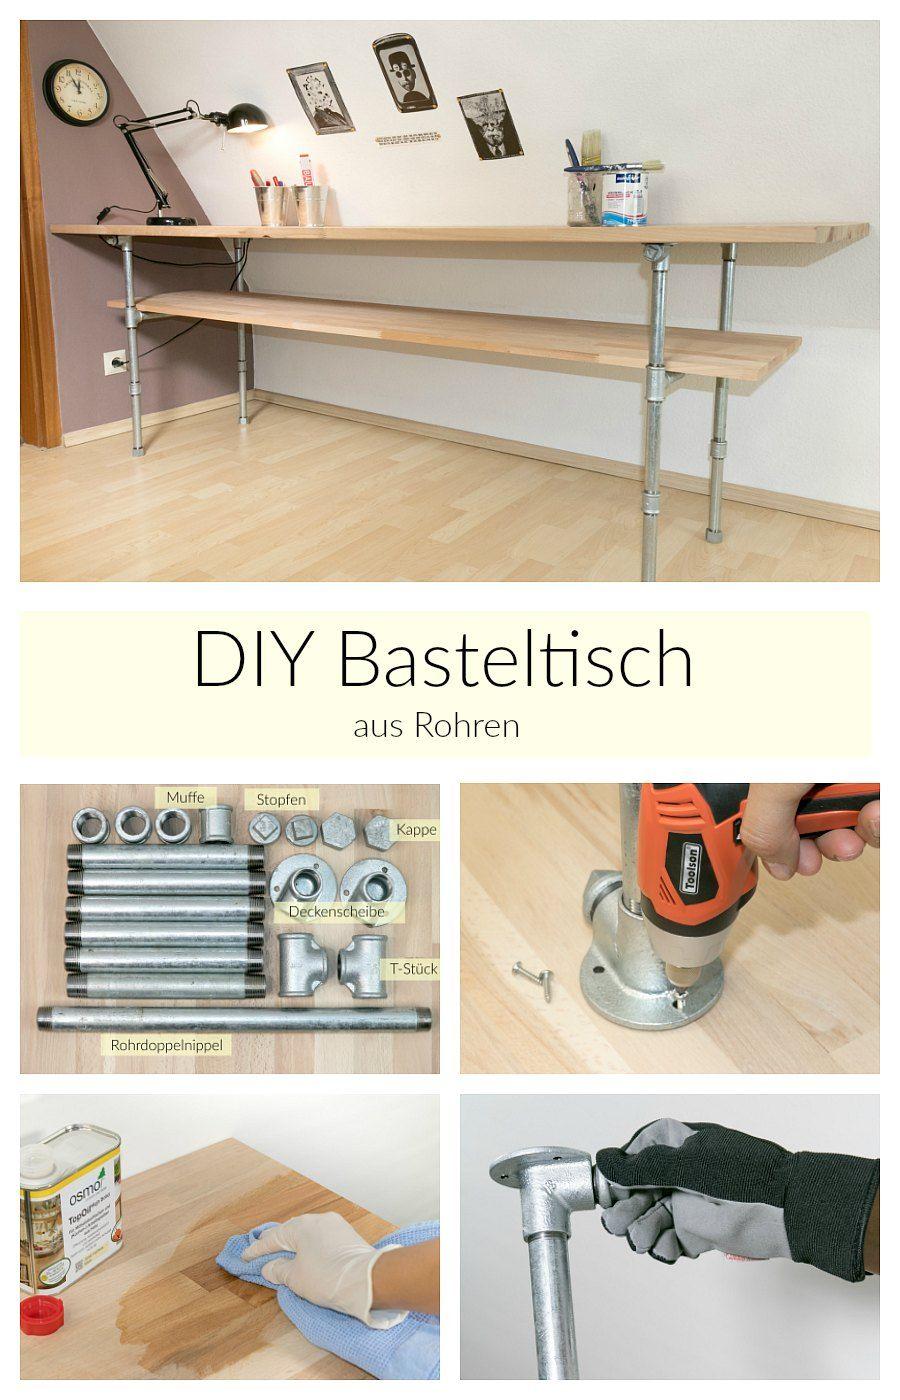 Aus Rohren Möbel Bauen Tisch Mit Rohren Diy Anleitung Bücherregal Diy Basteltisch Haus Umbau